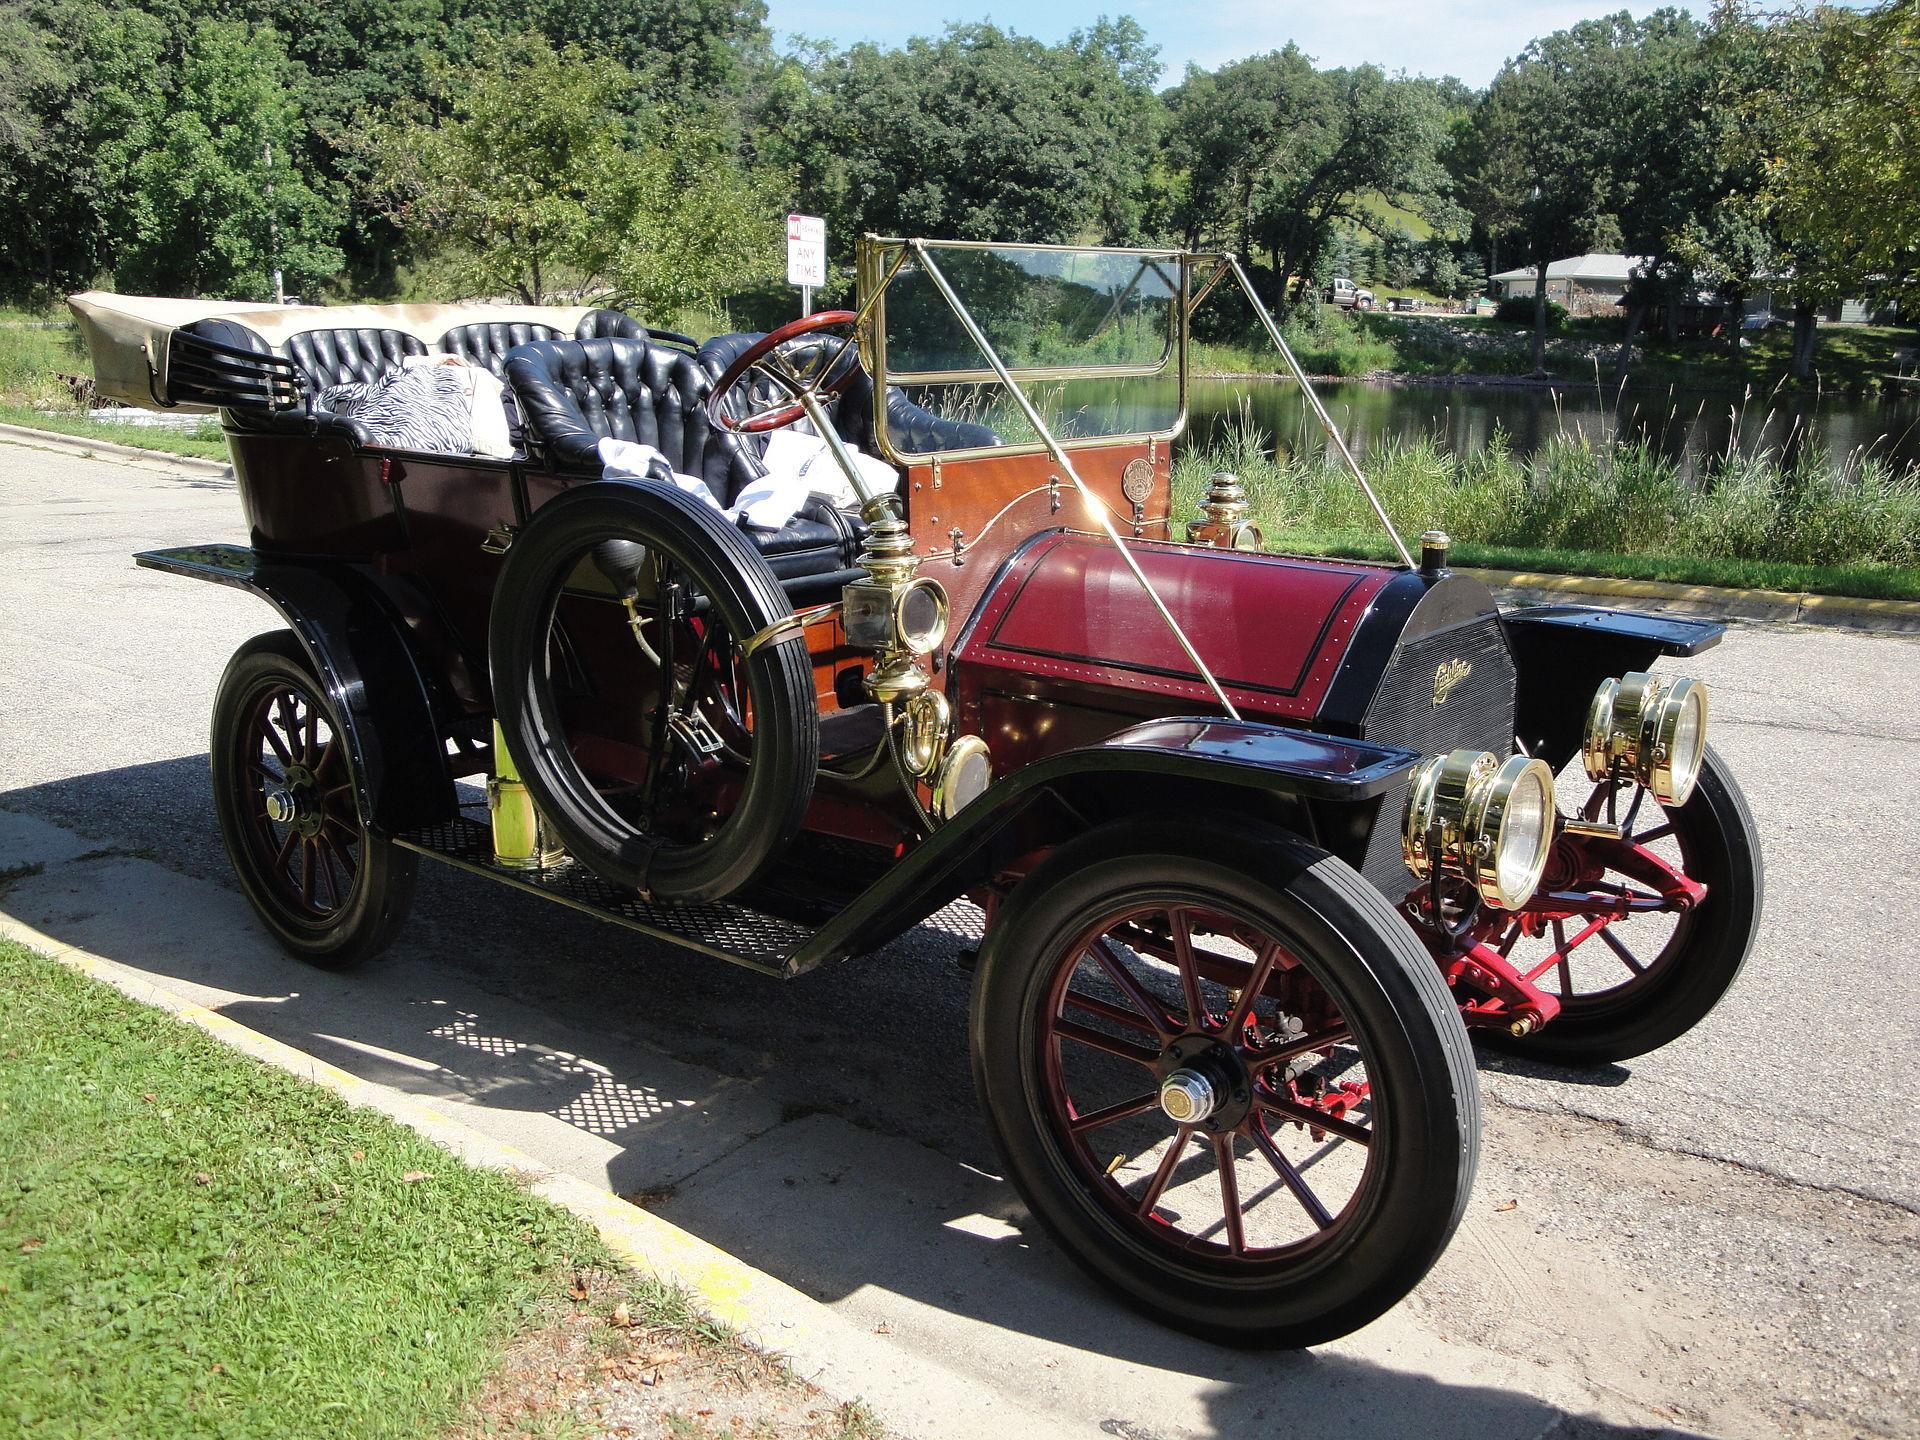 汽车历史画报:你可能不知道的汽车『三国时代』(3)内燃机